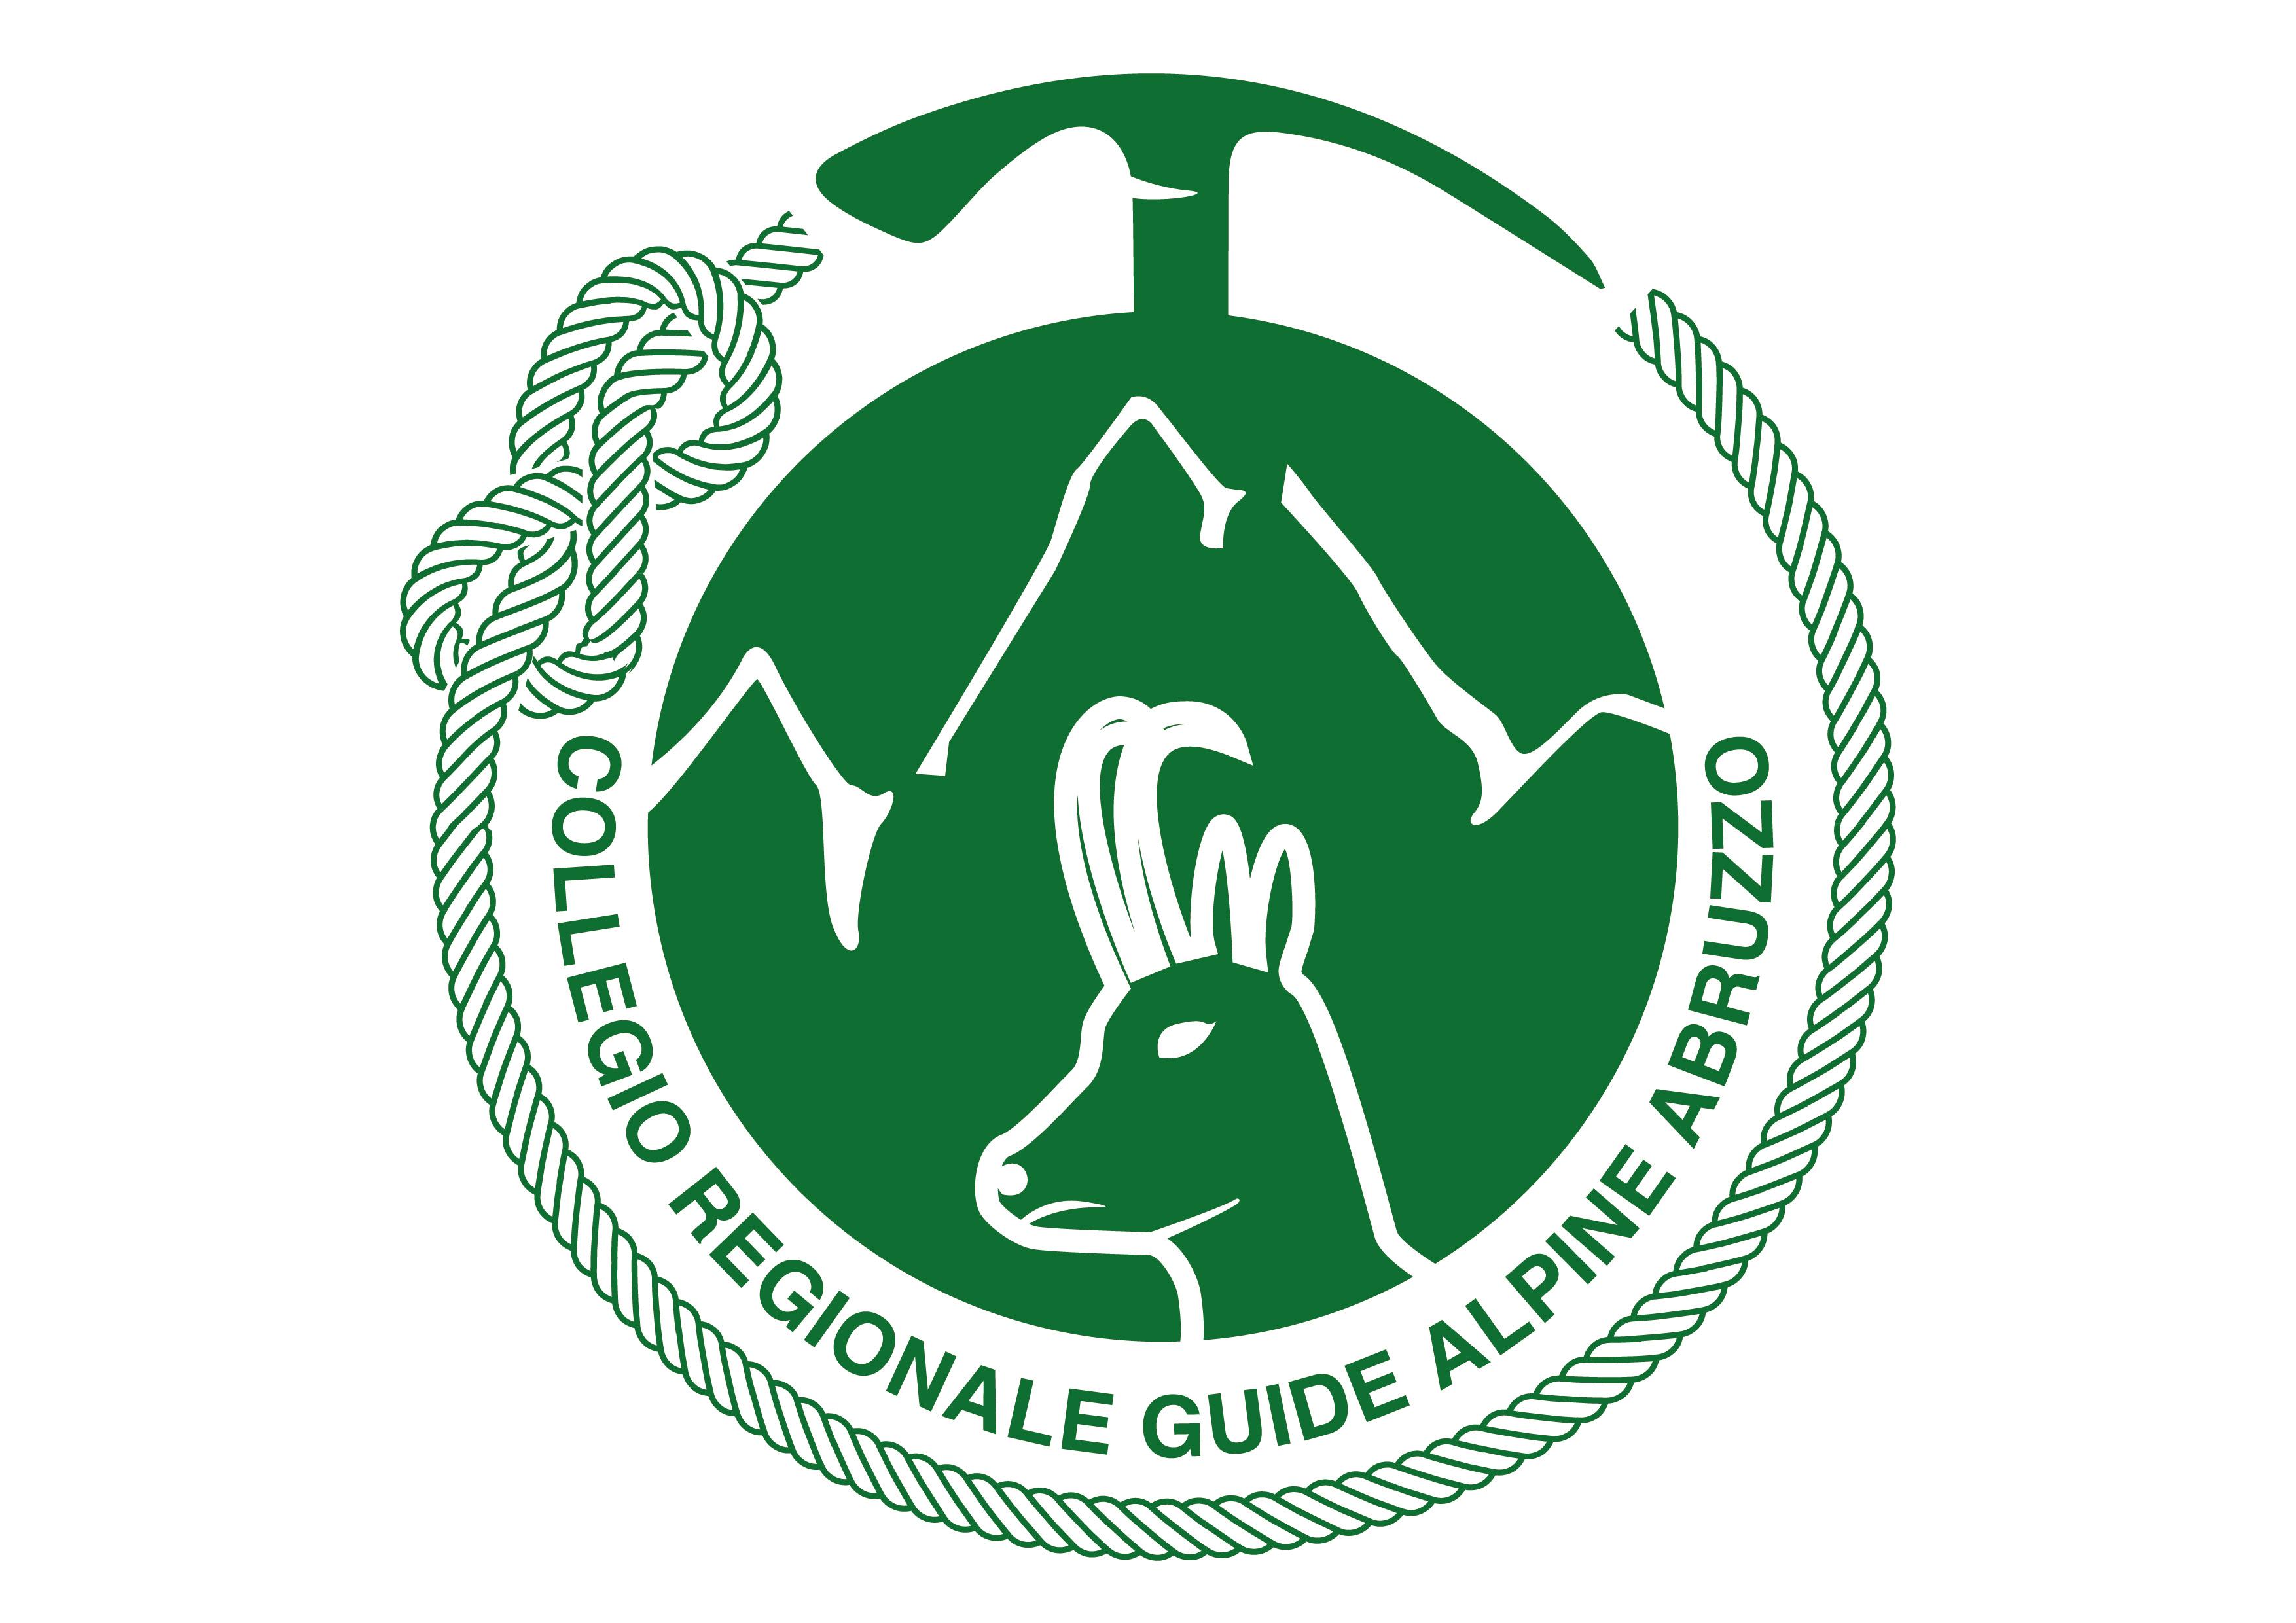 Guide Alpine Abruzzo